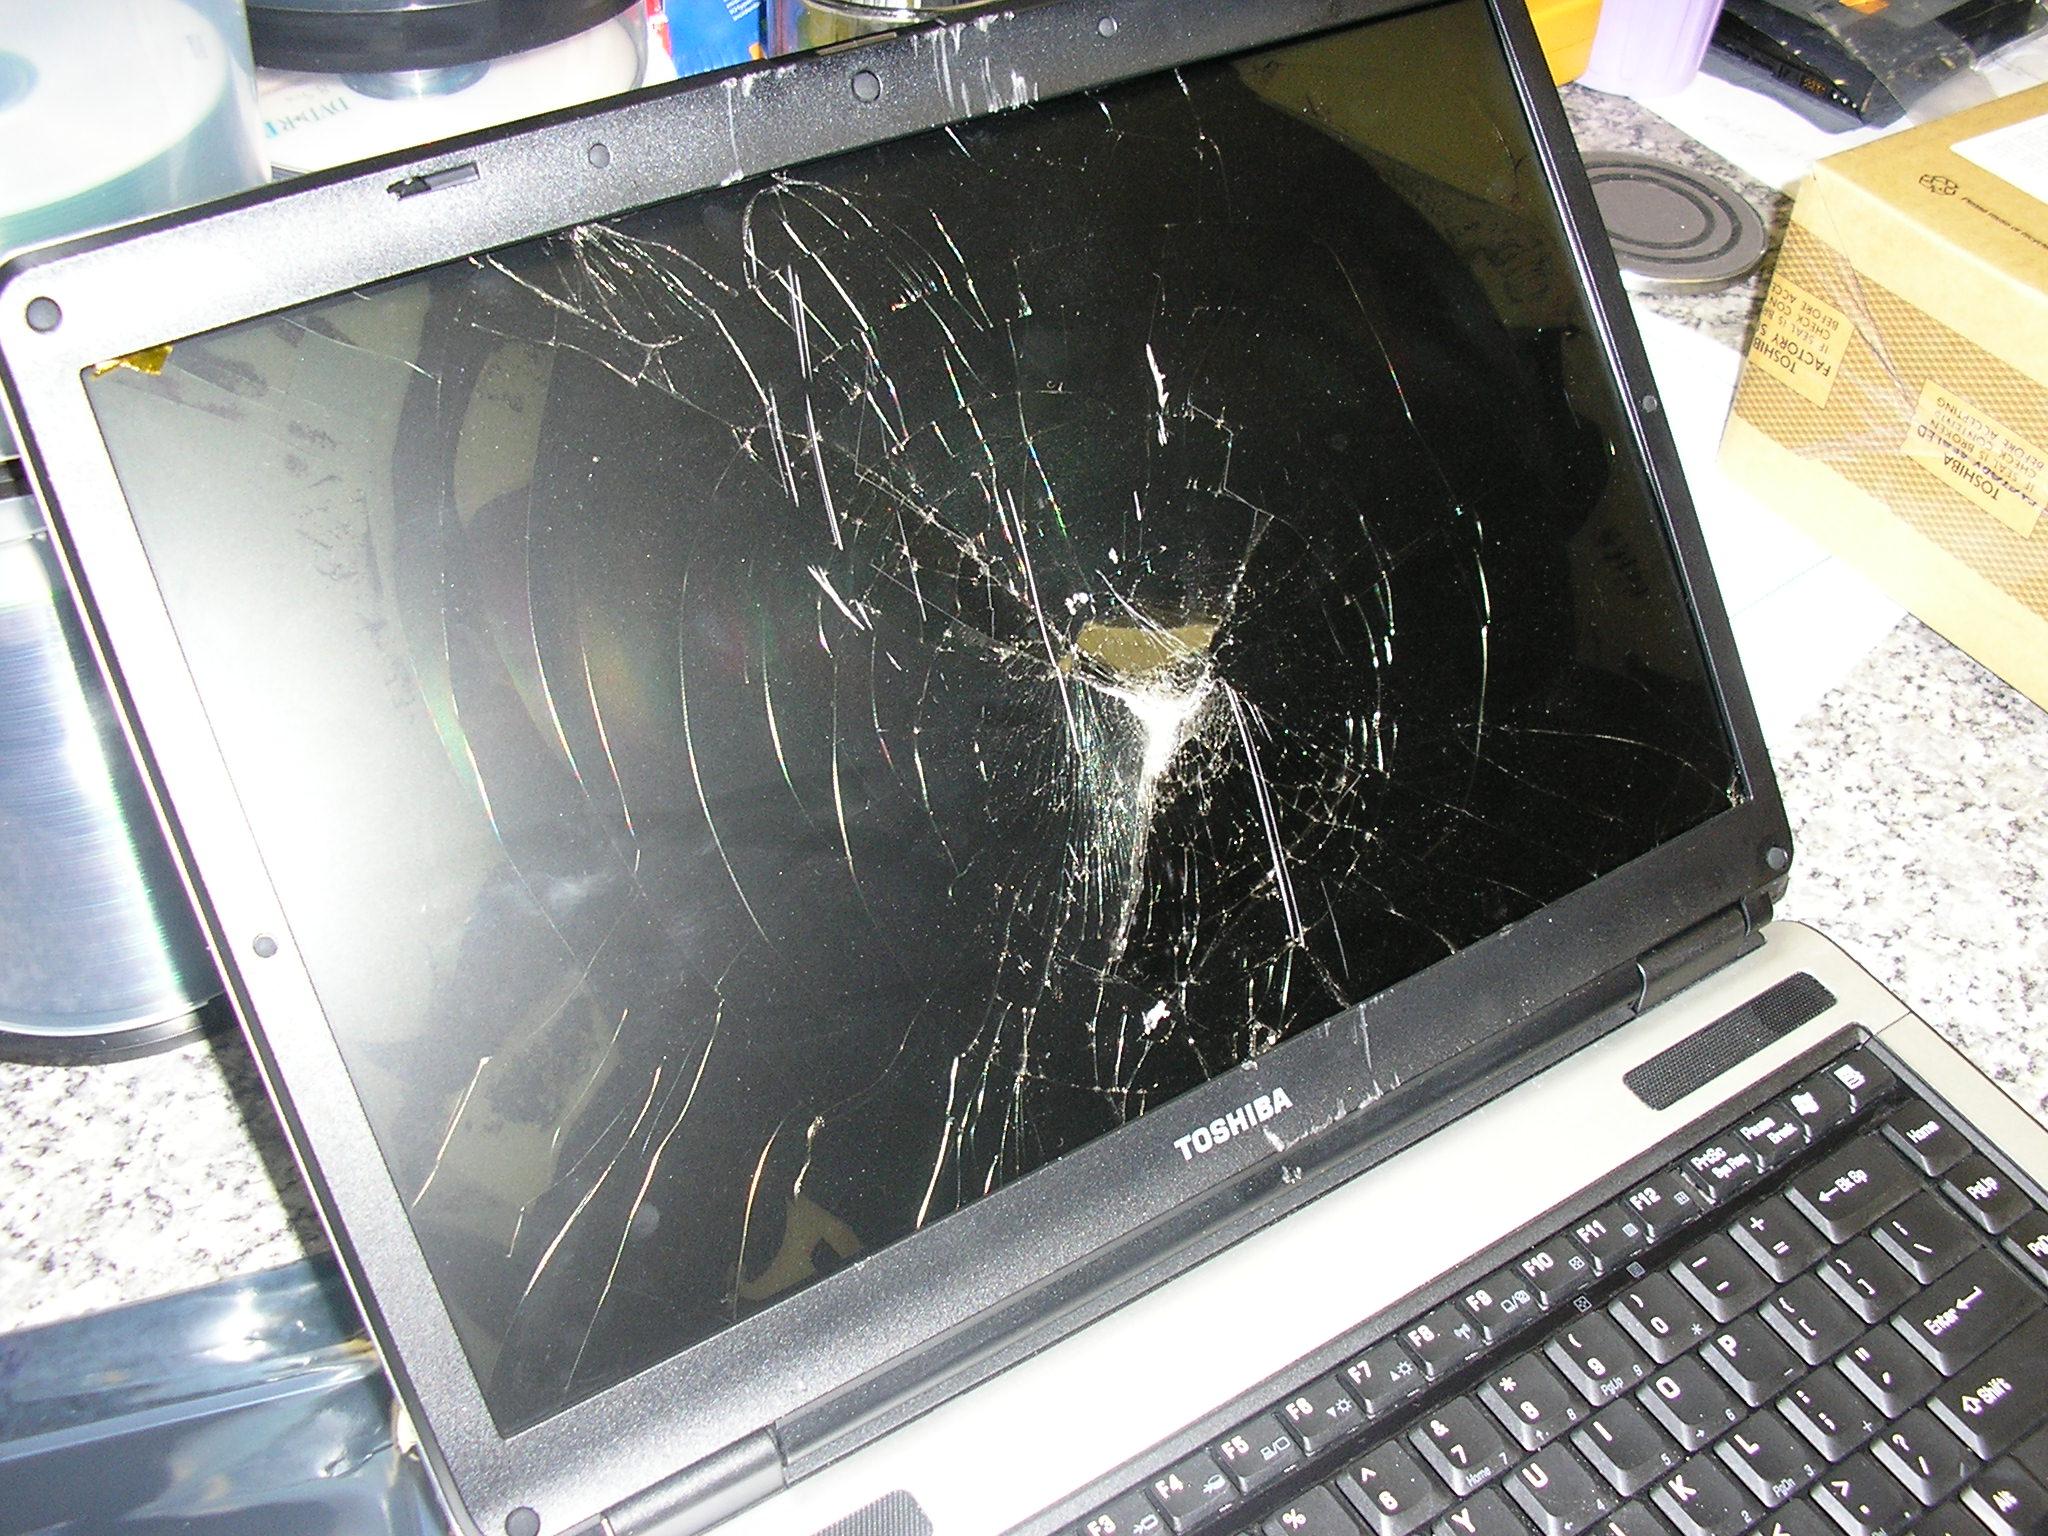 можно ли извлечь фотографии из сломанного ноутбука любит